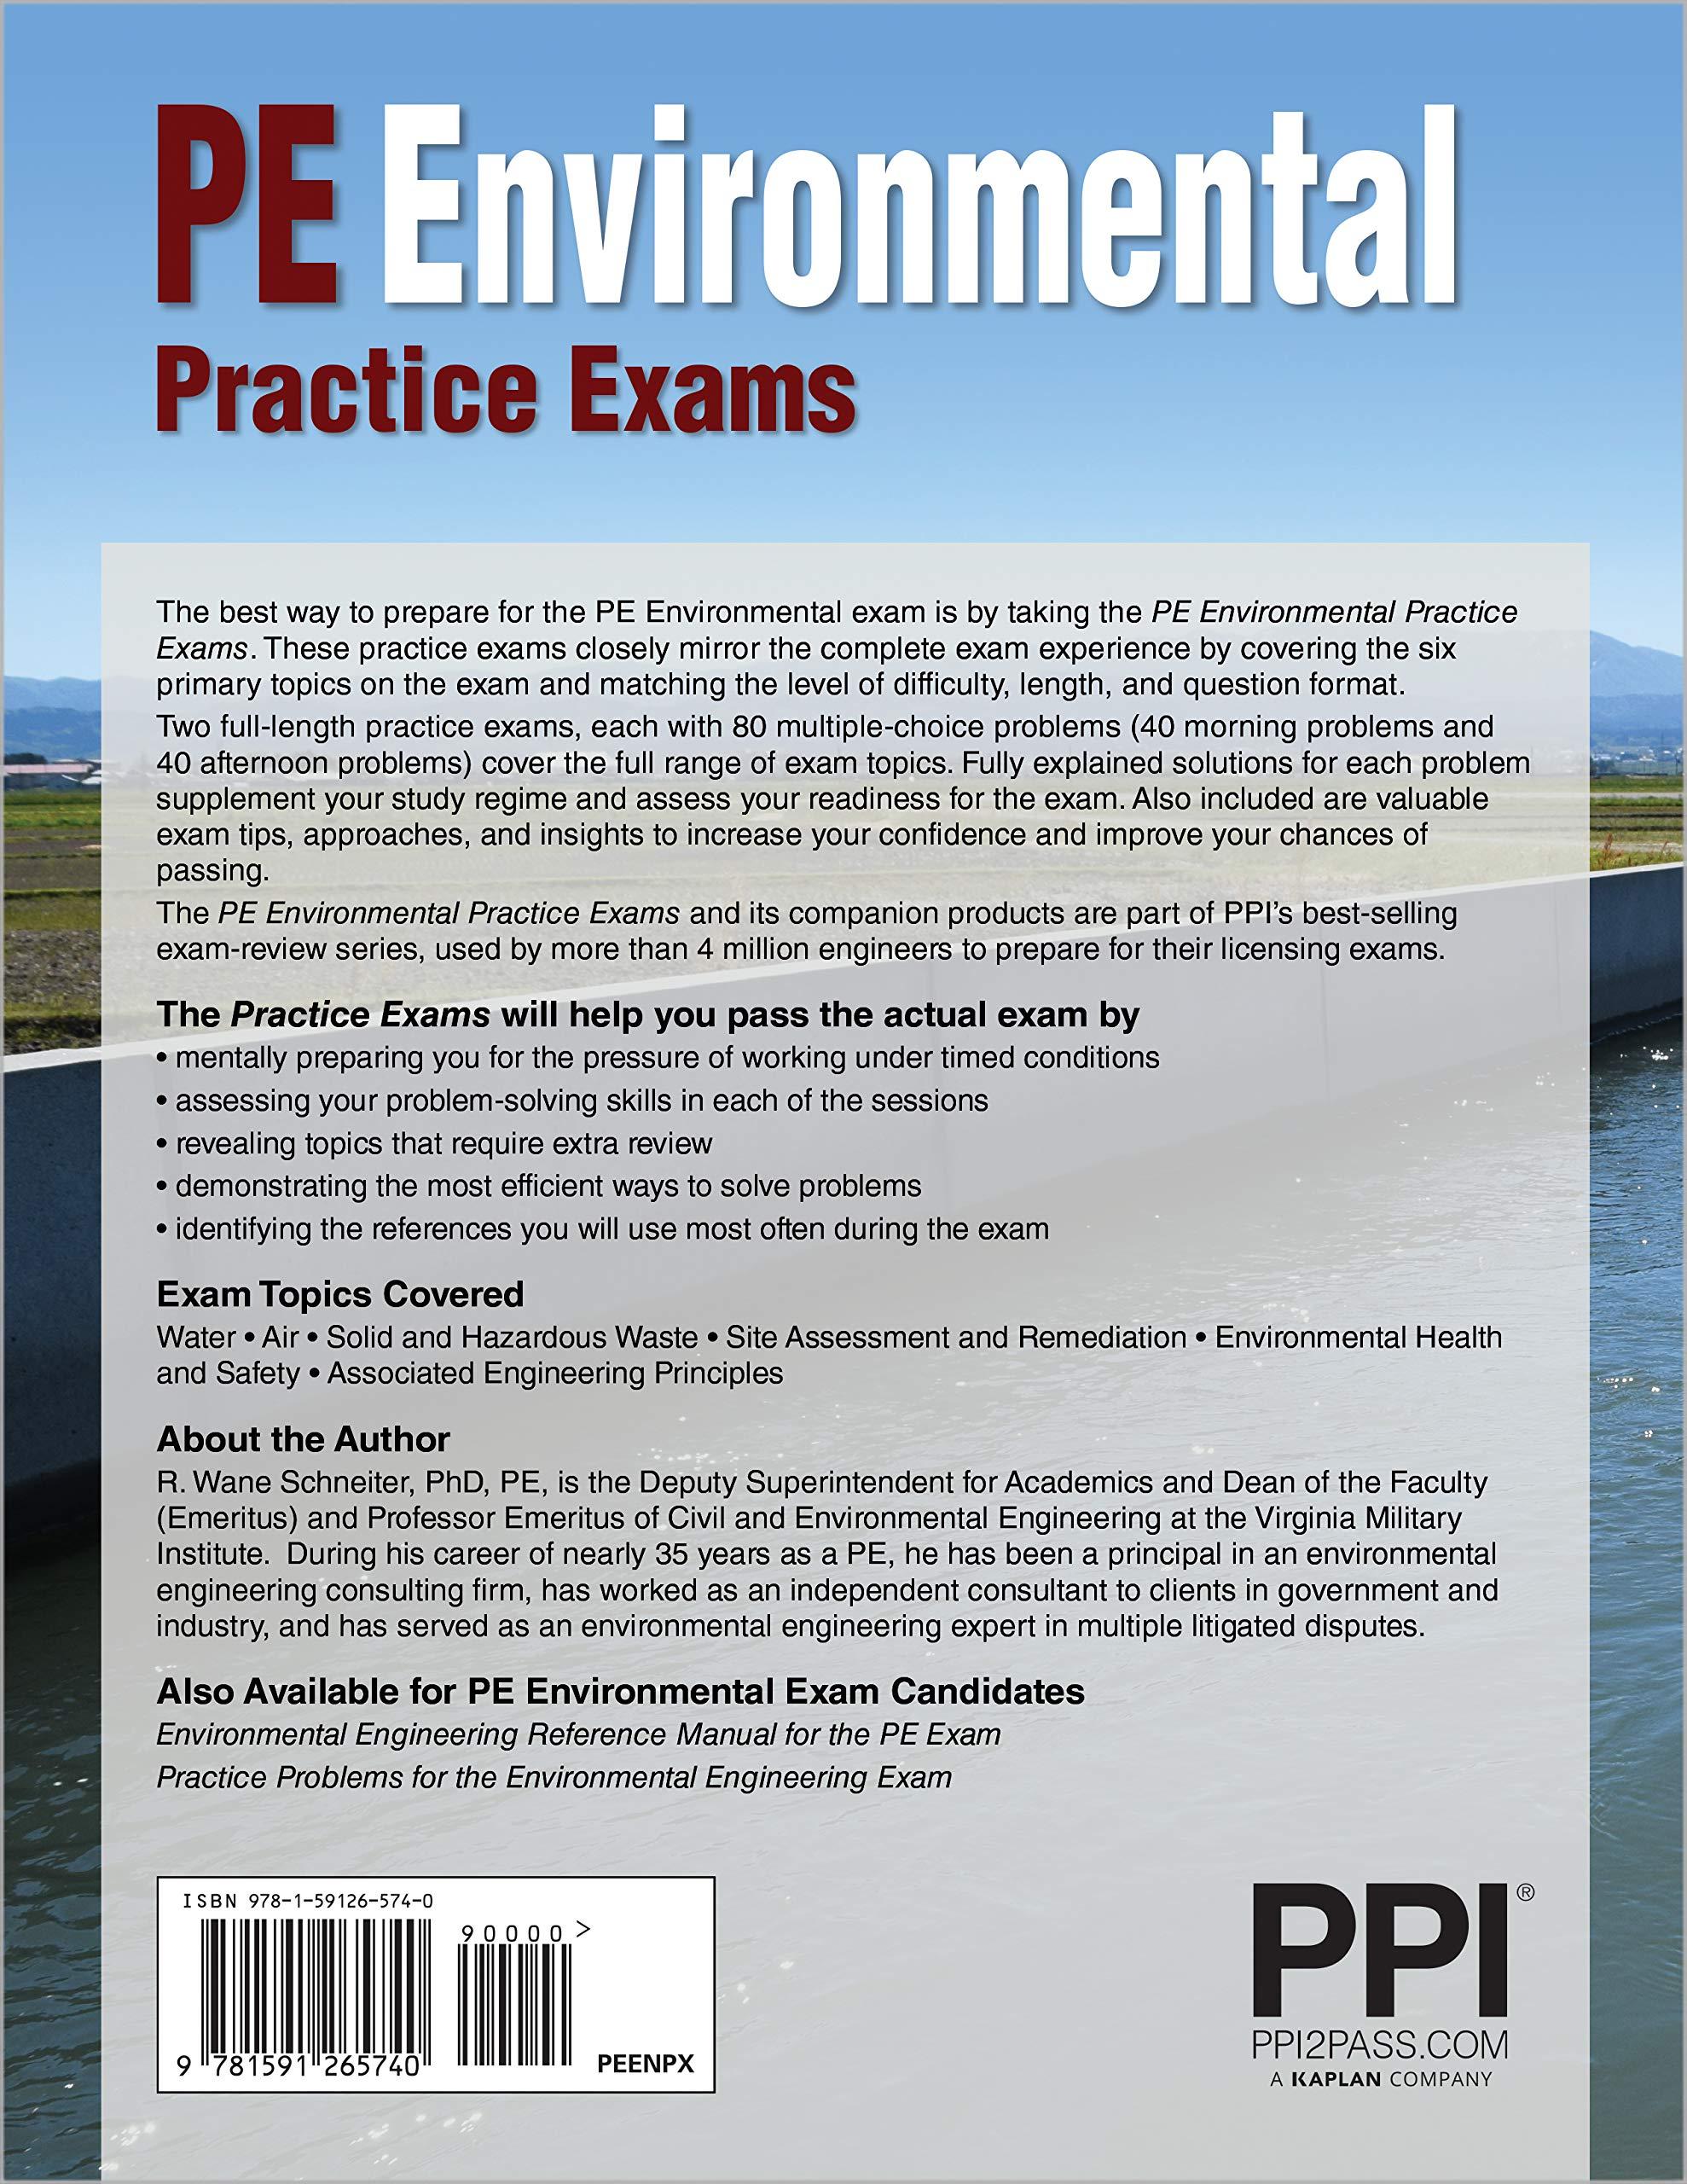 Amazon com: PPI - Professional Publications Inc